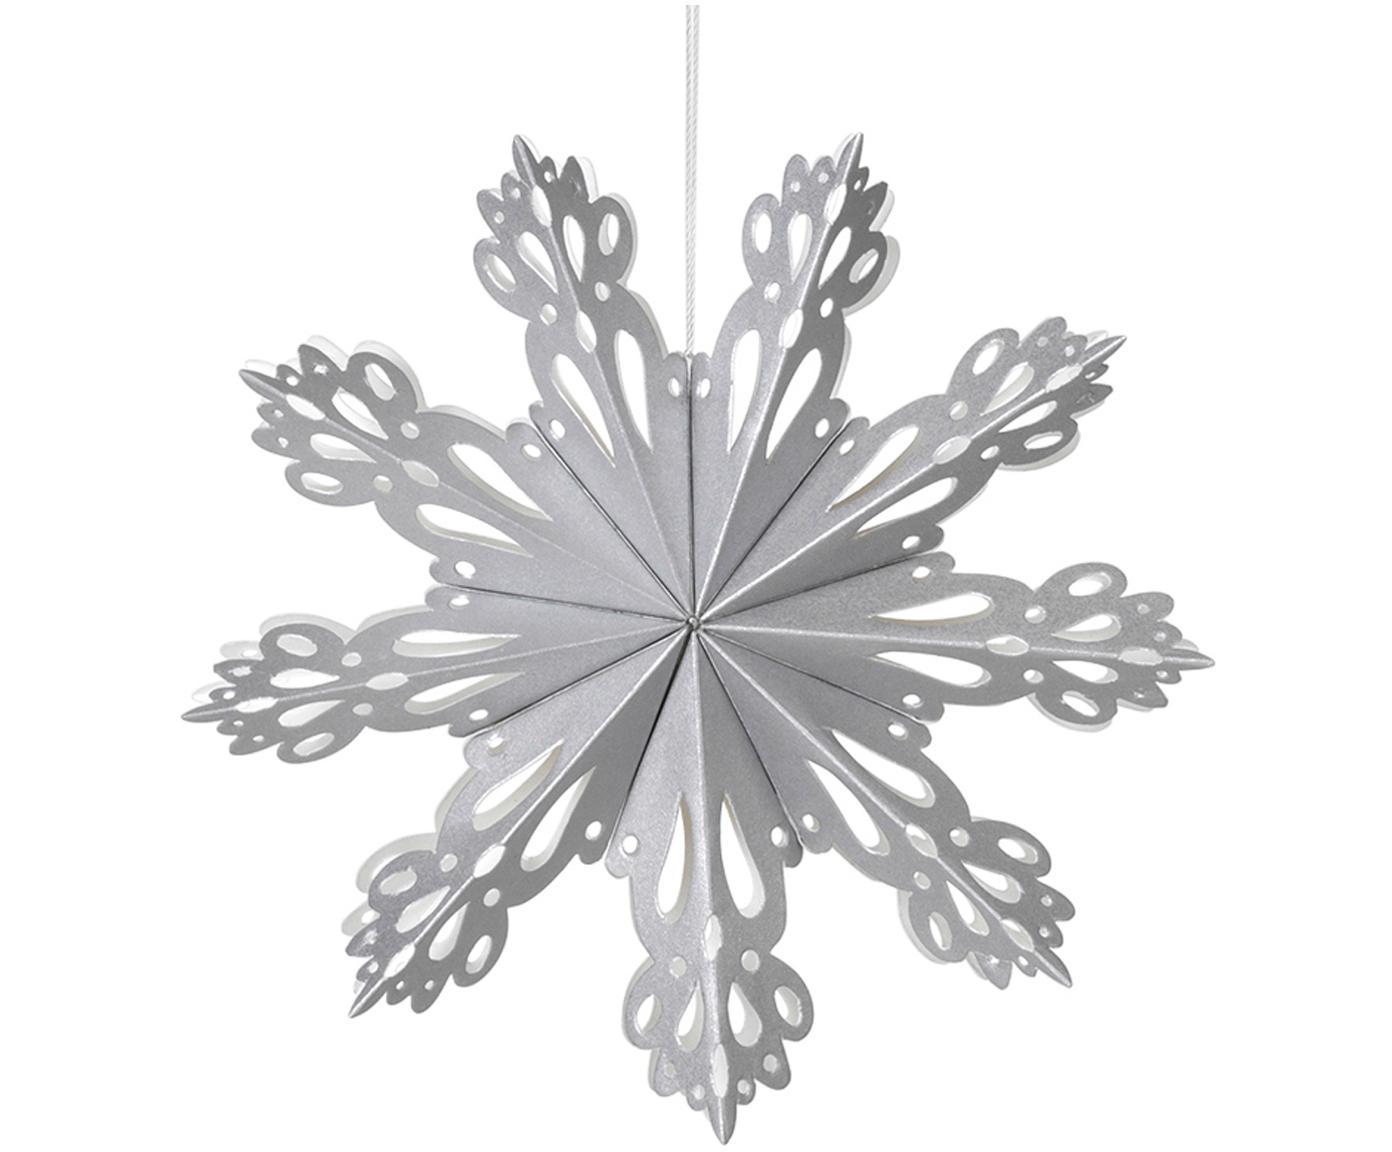 Baumanhänger Snowflake, 2 Stück, Papier, Silberfarben, Ø 15 cm